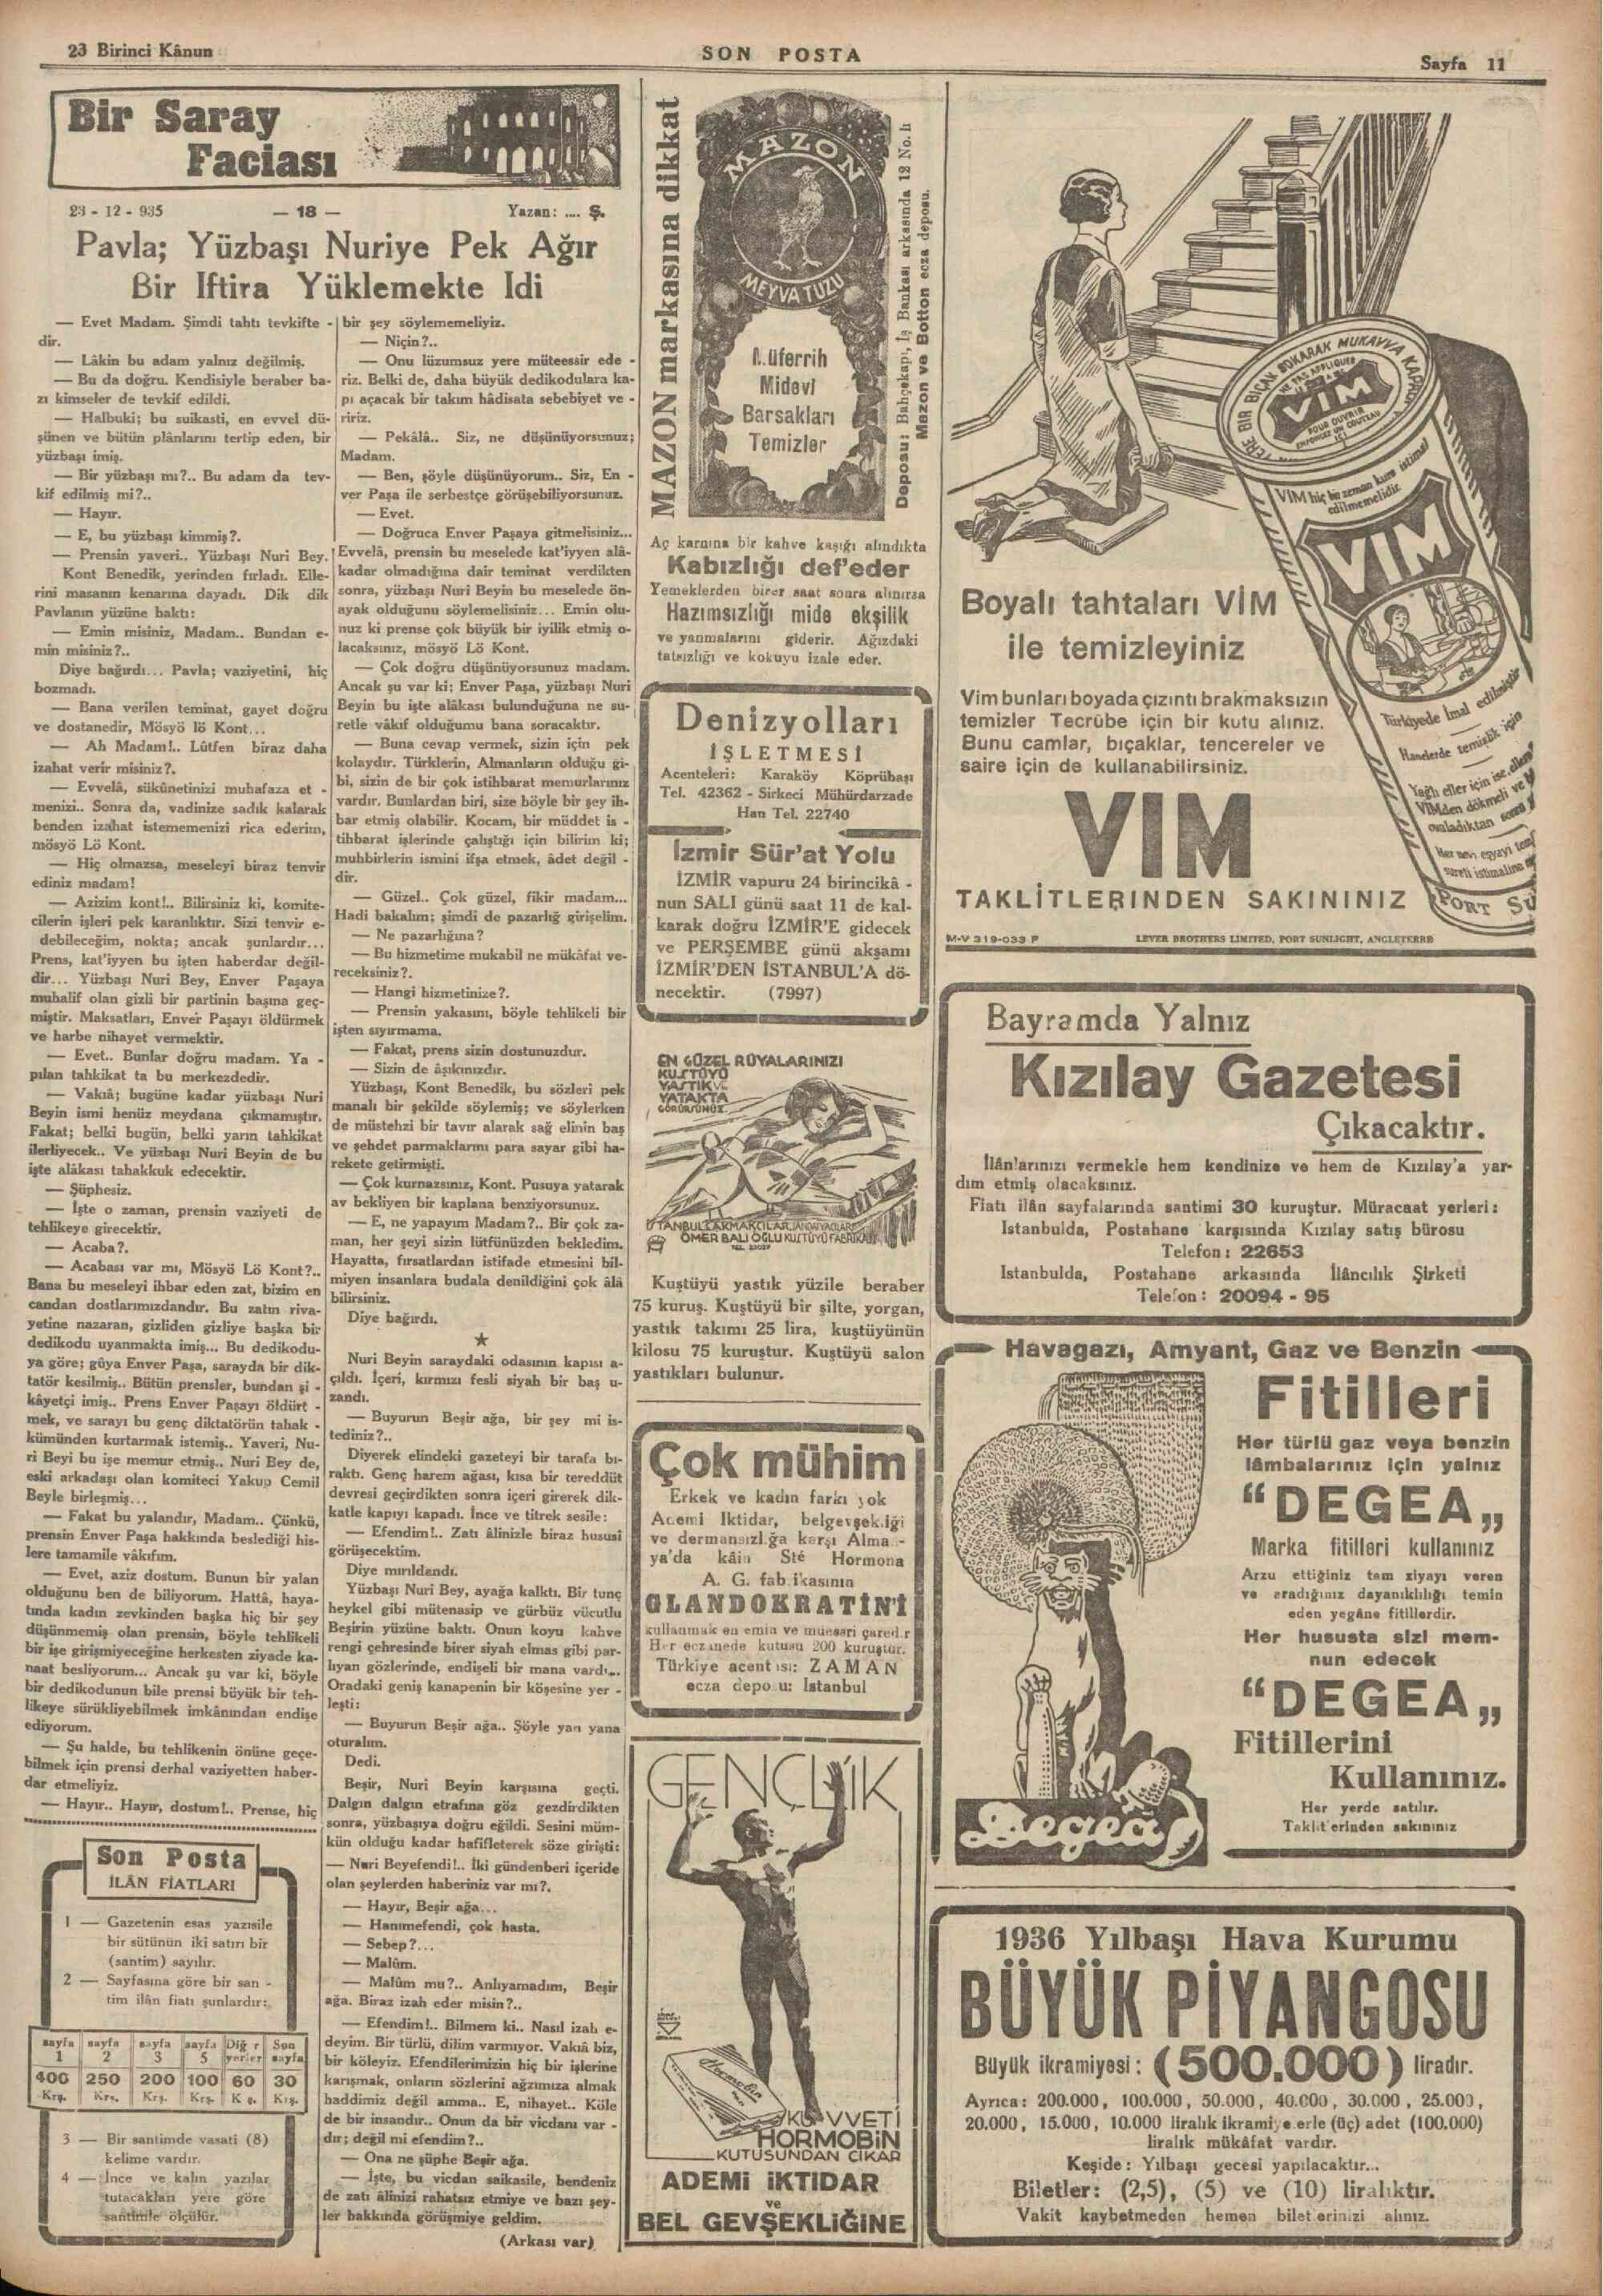 23 Aralık 1935 Tarihli Son Posta Dergisi Sayfa 11